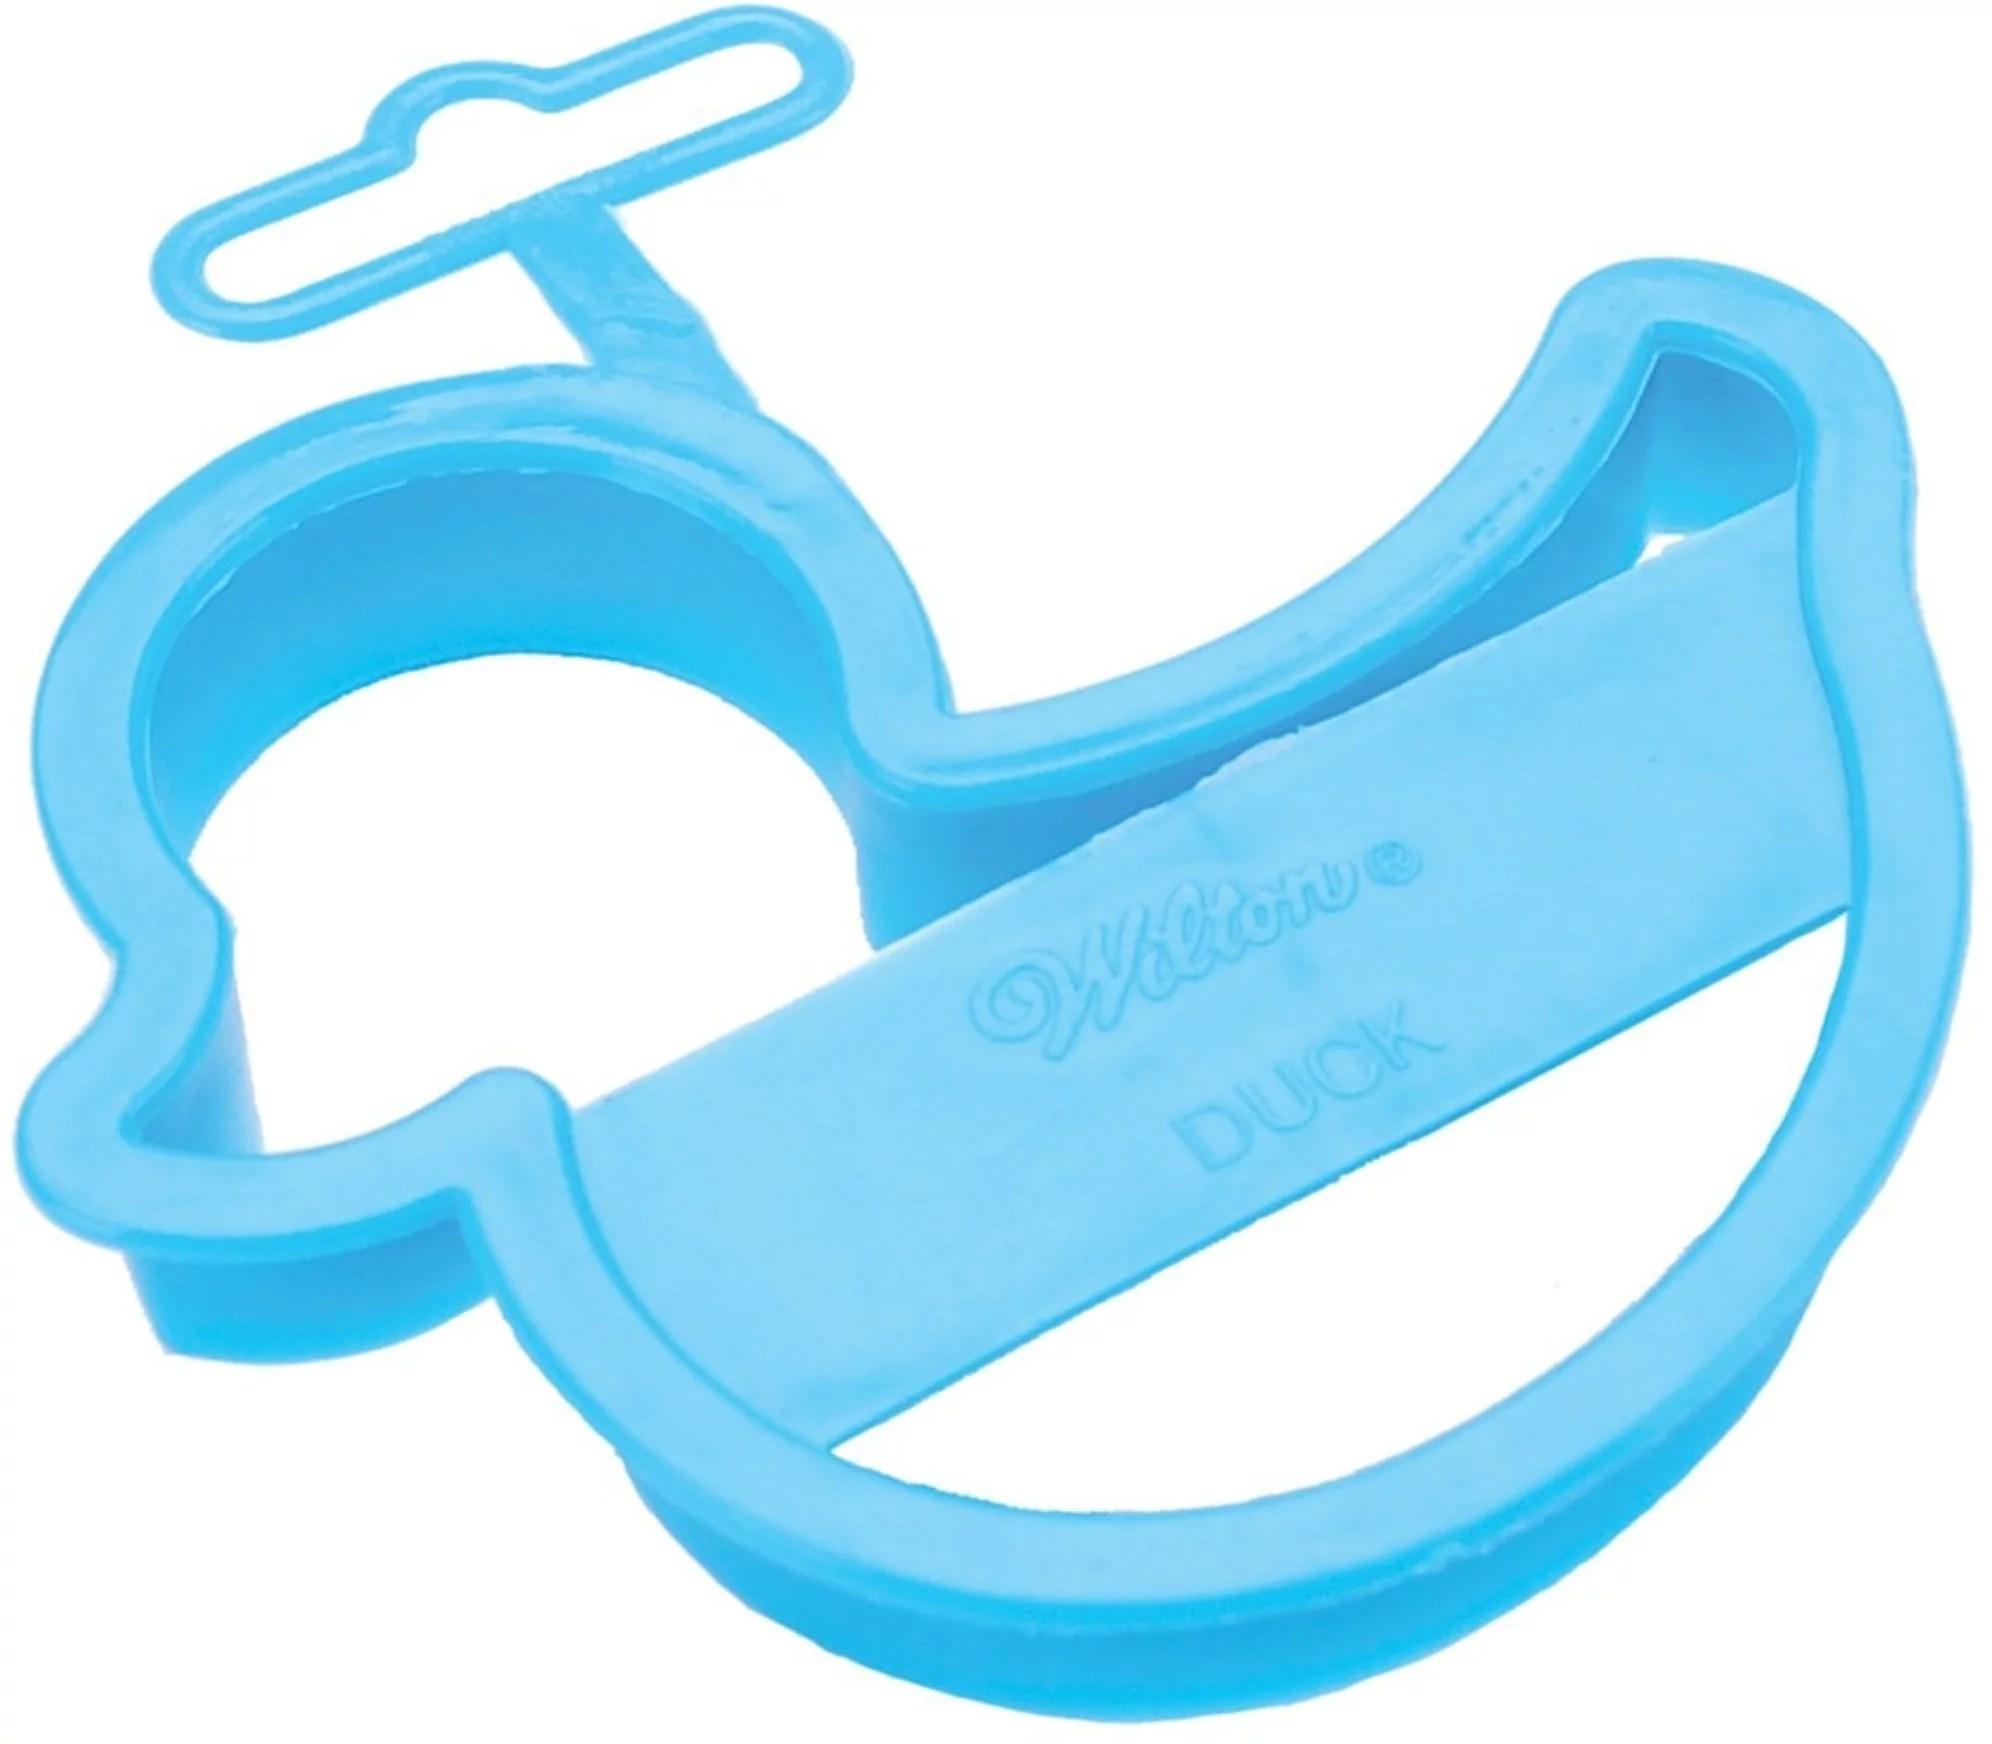 Wilton Plastic Cookie Cutter Duck 1 ea  Walmartcom